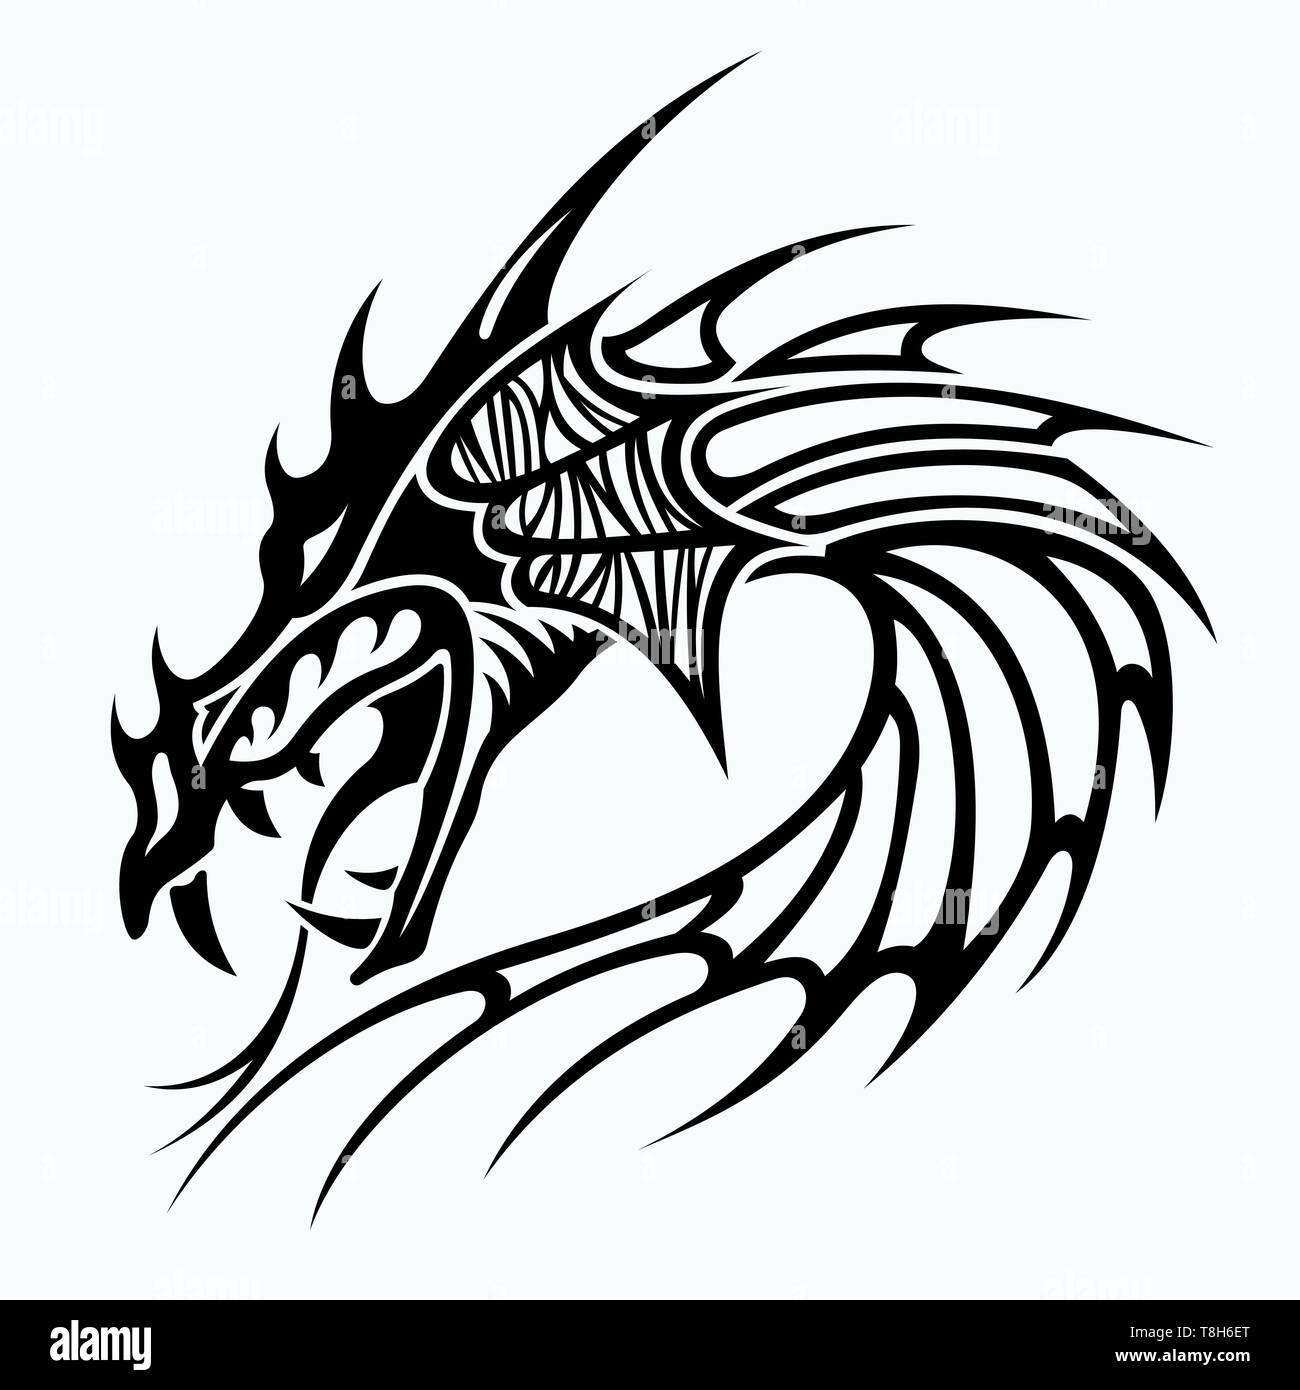 Cabezas De Dragones Para Tatuar tribal dragon tattoo designs imágenes de stock & tribal